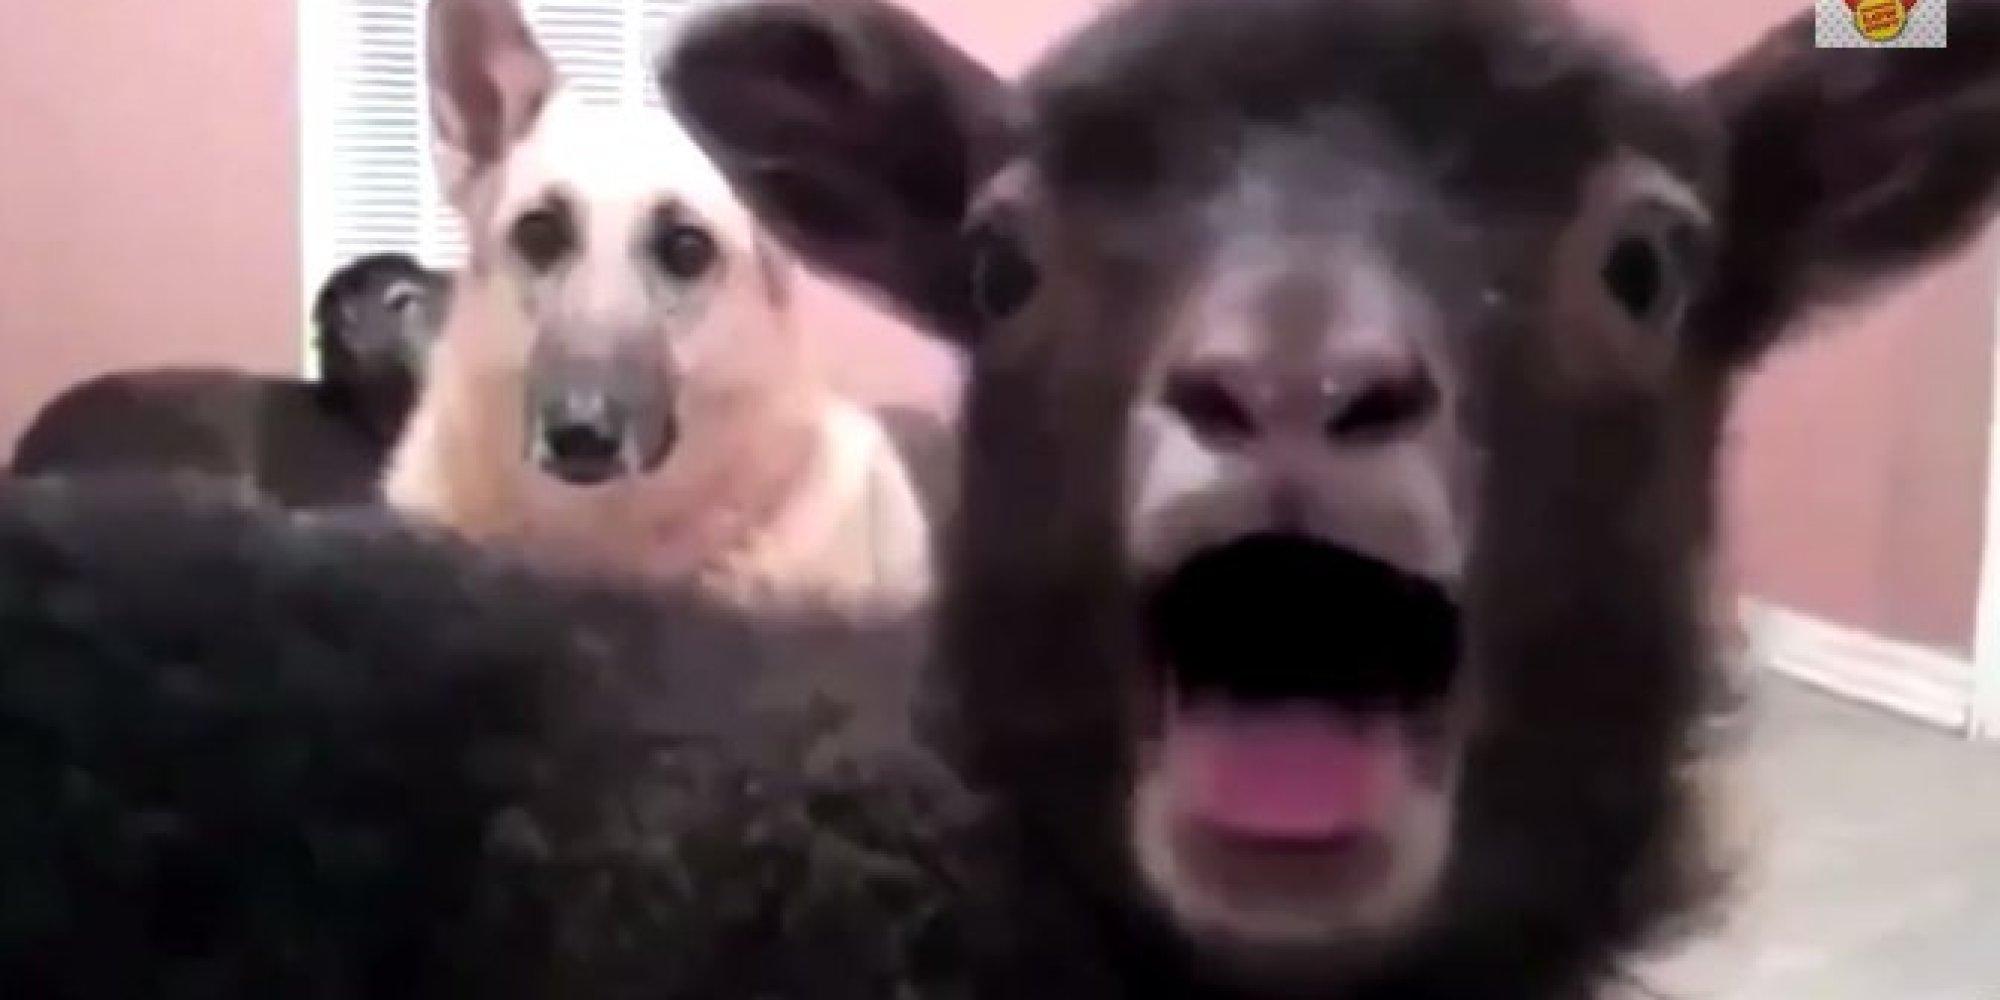 Трахни овечку игра онлайн бесплатно 13 фотография